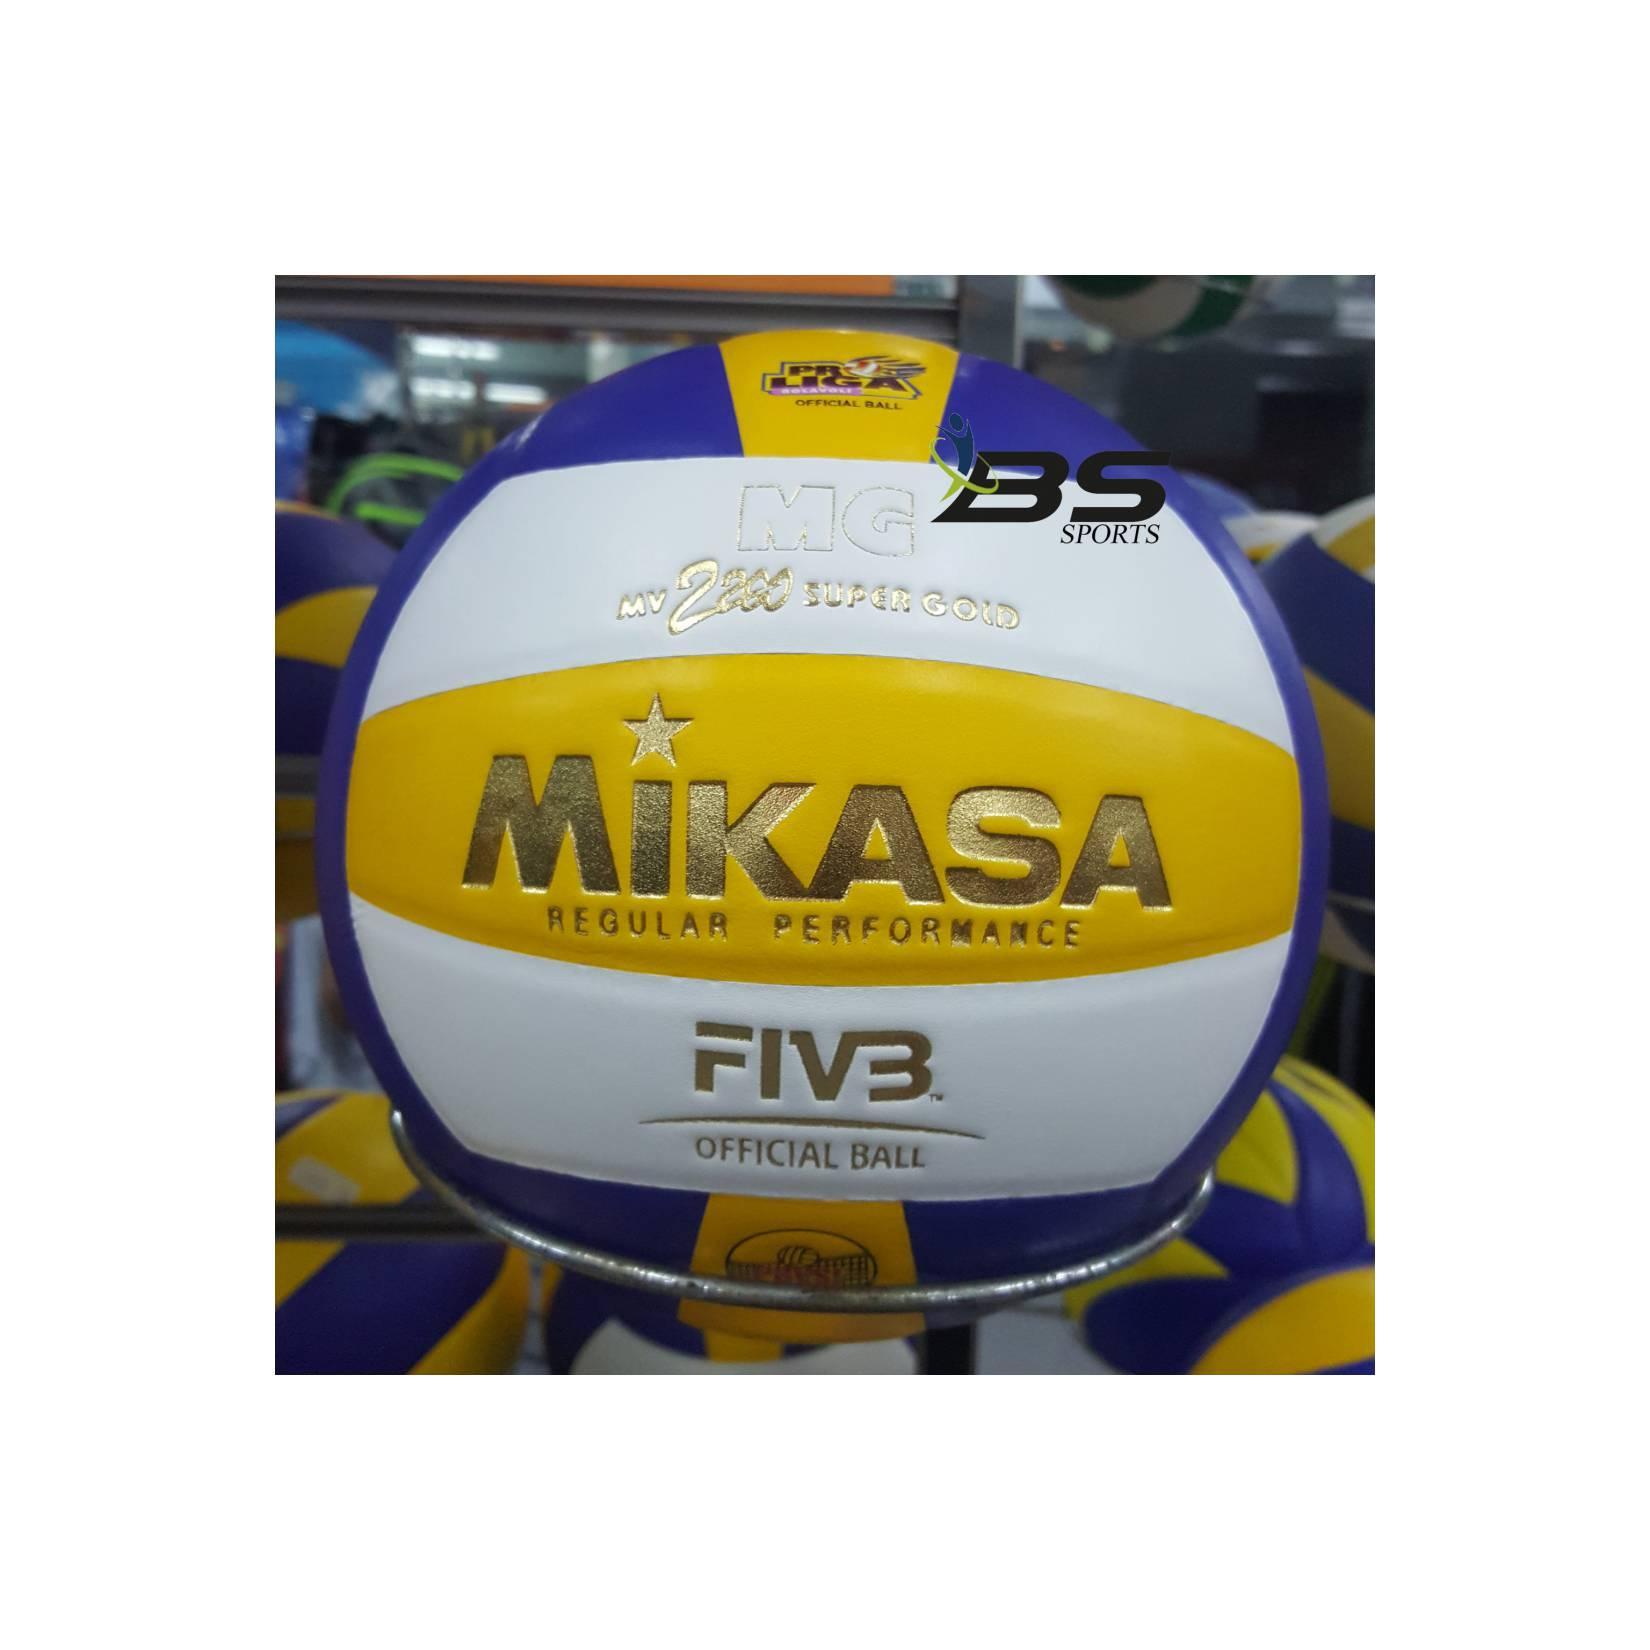 Bola Voli Volly Volley Mikasa Mva330 Page 3 Daftar Update Harga Pvc Pro Smash Mv2200 Mv 2200 Super Gold Ori Original